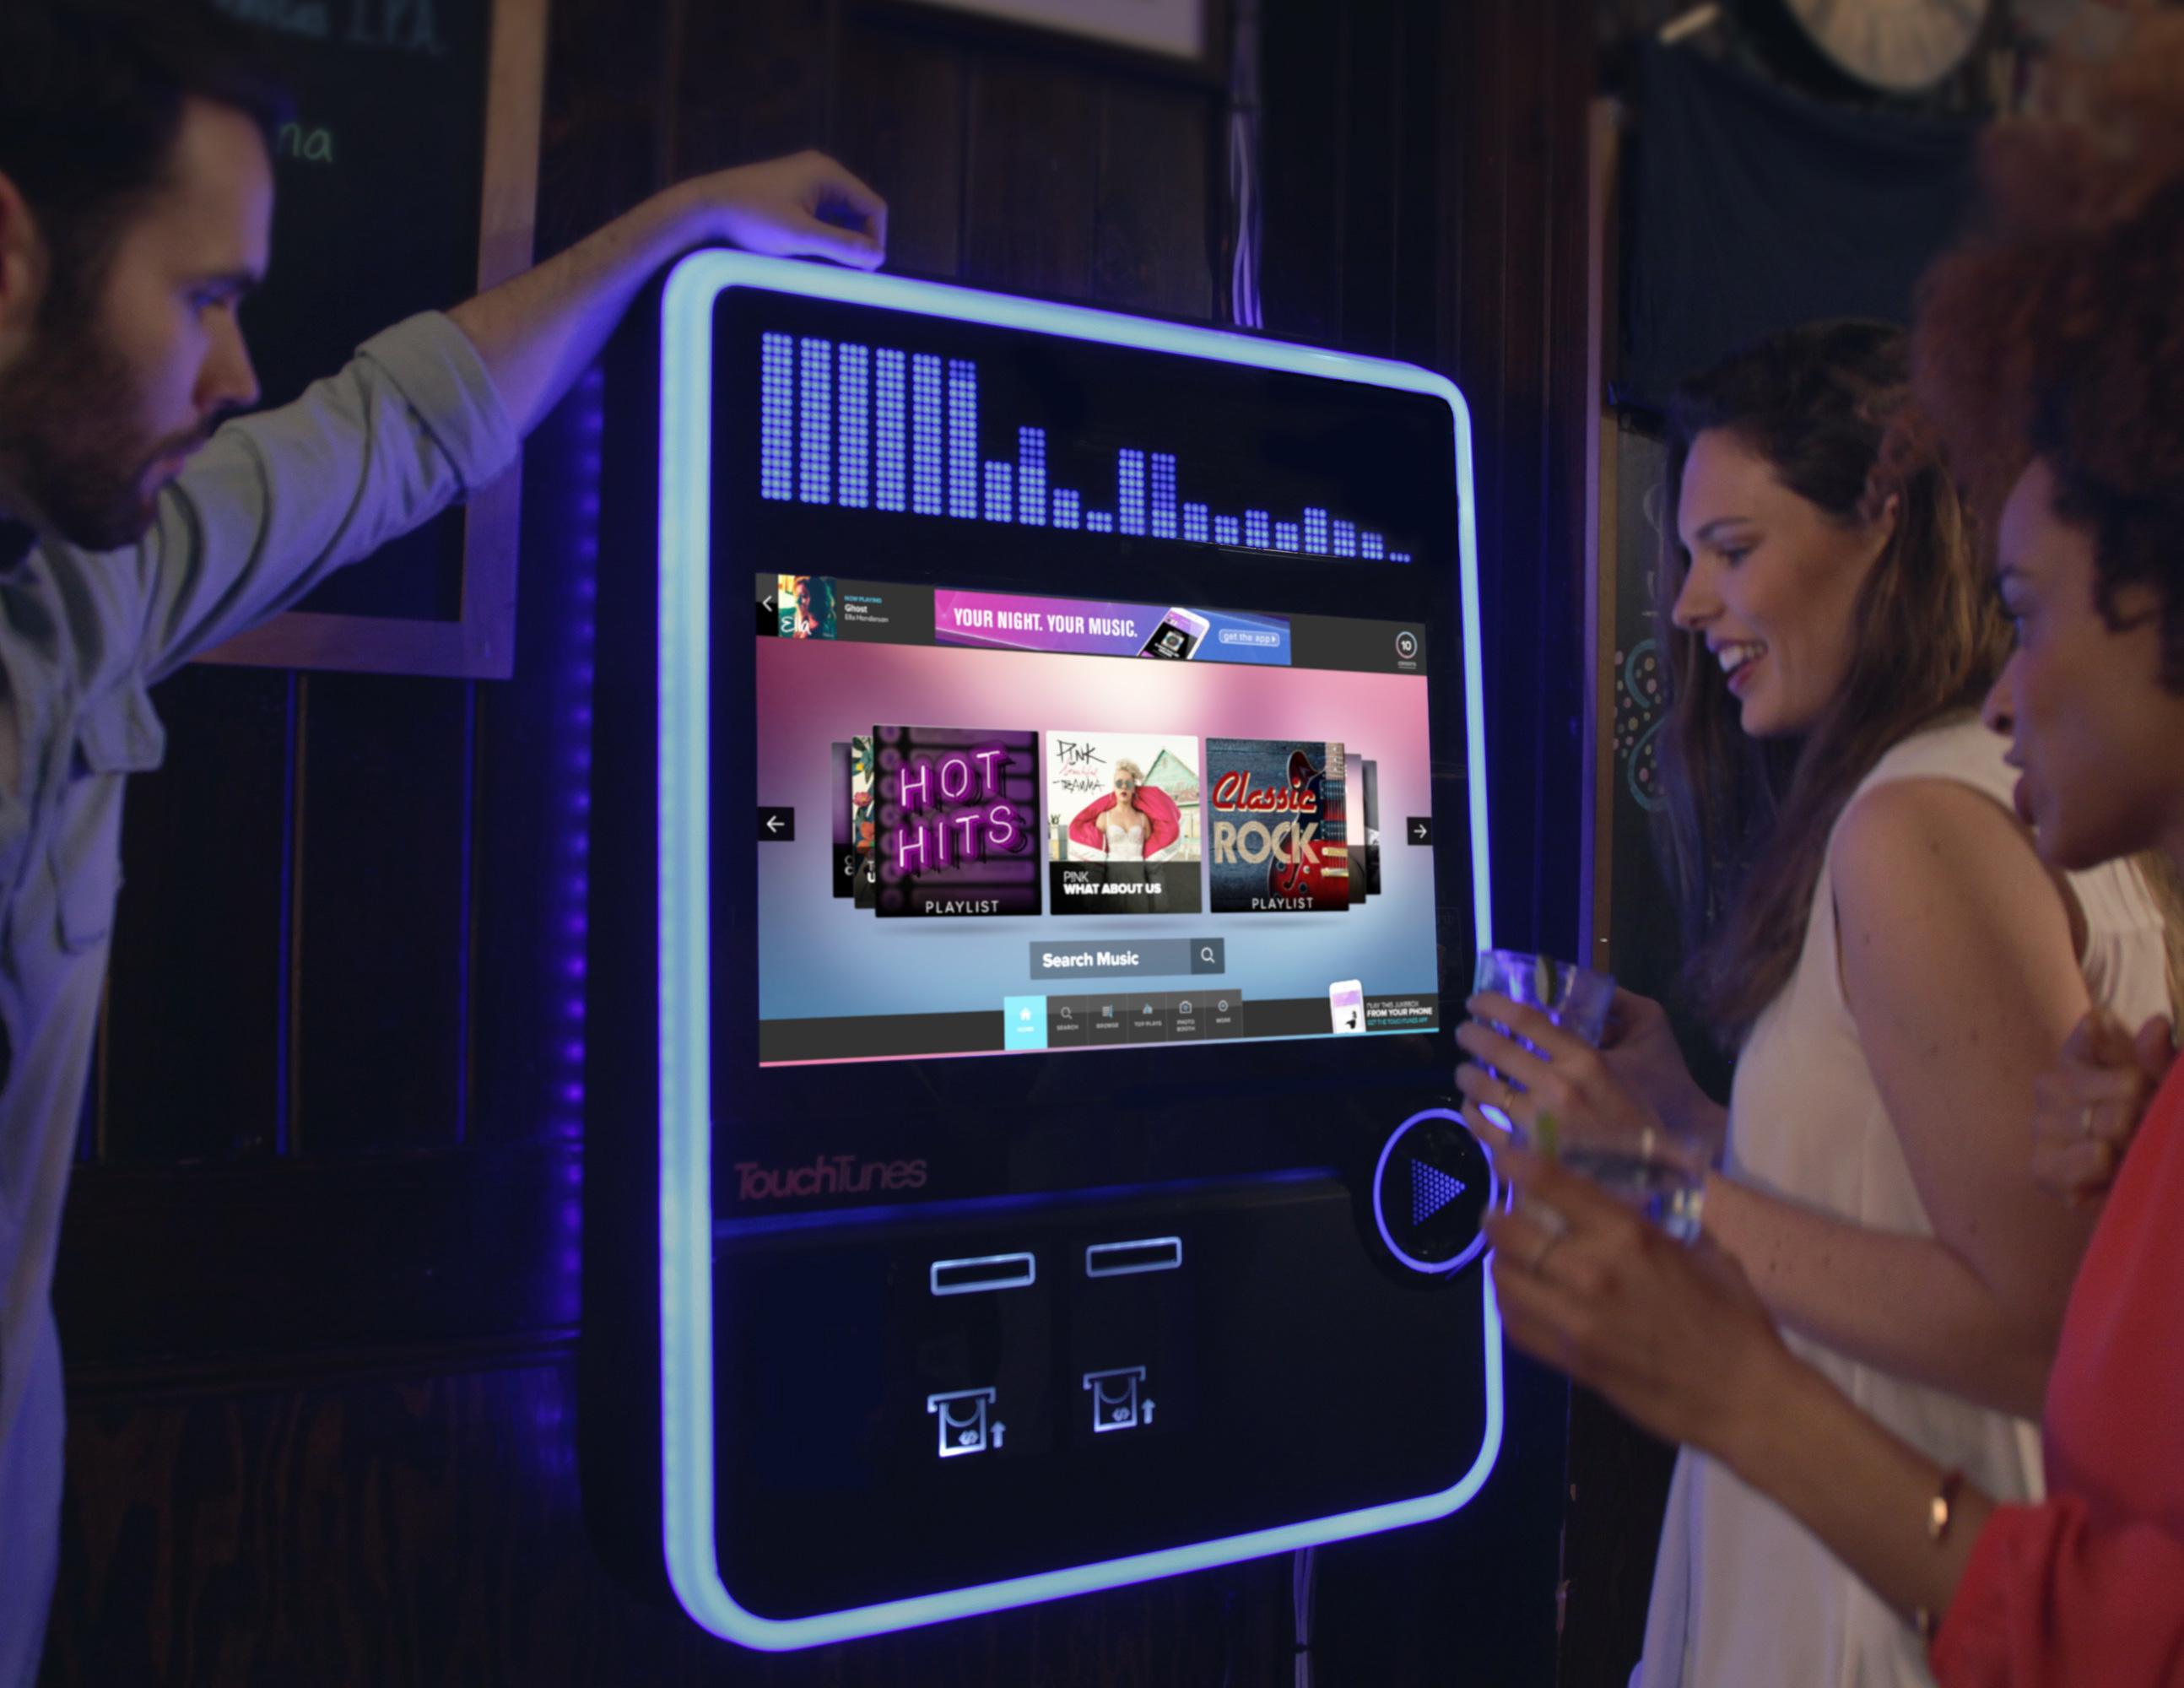 Virtuo Digital Jukebox